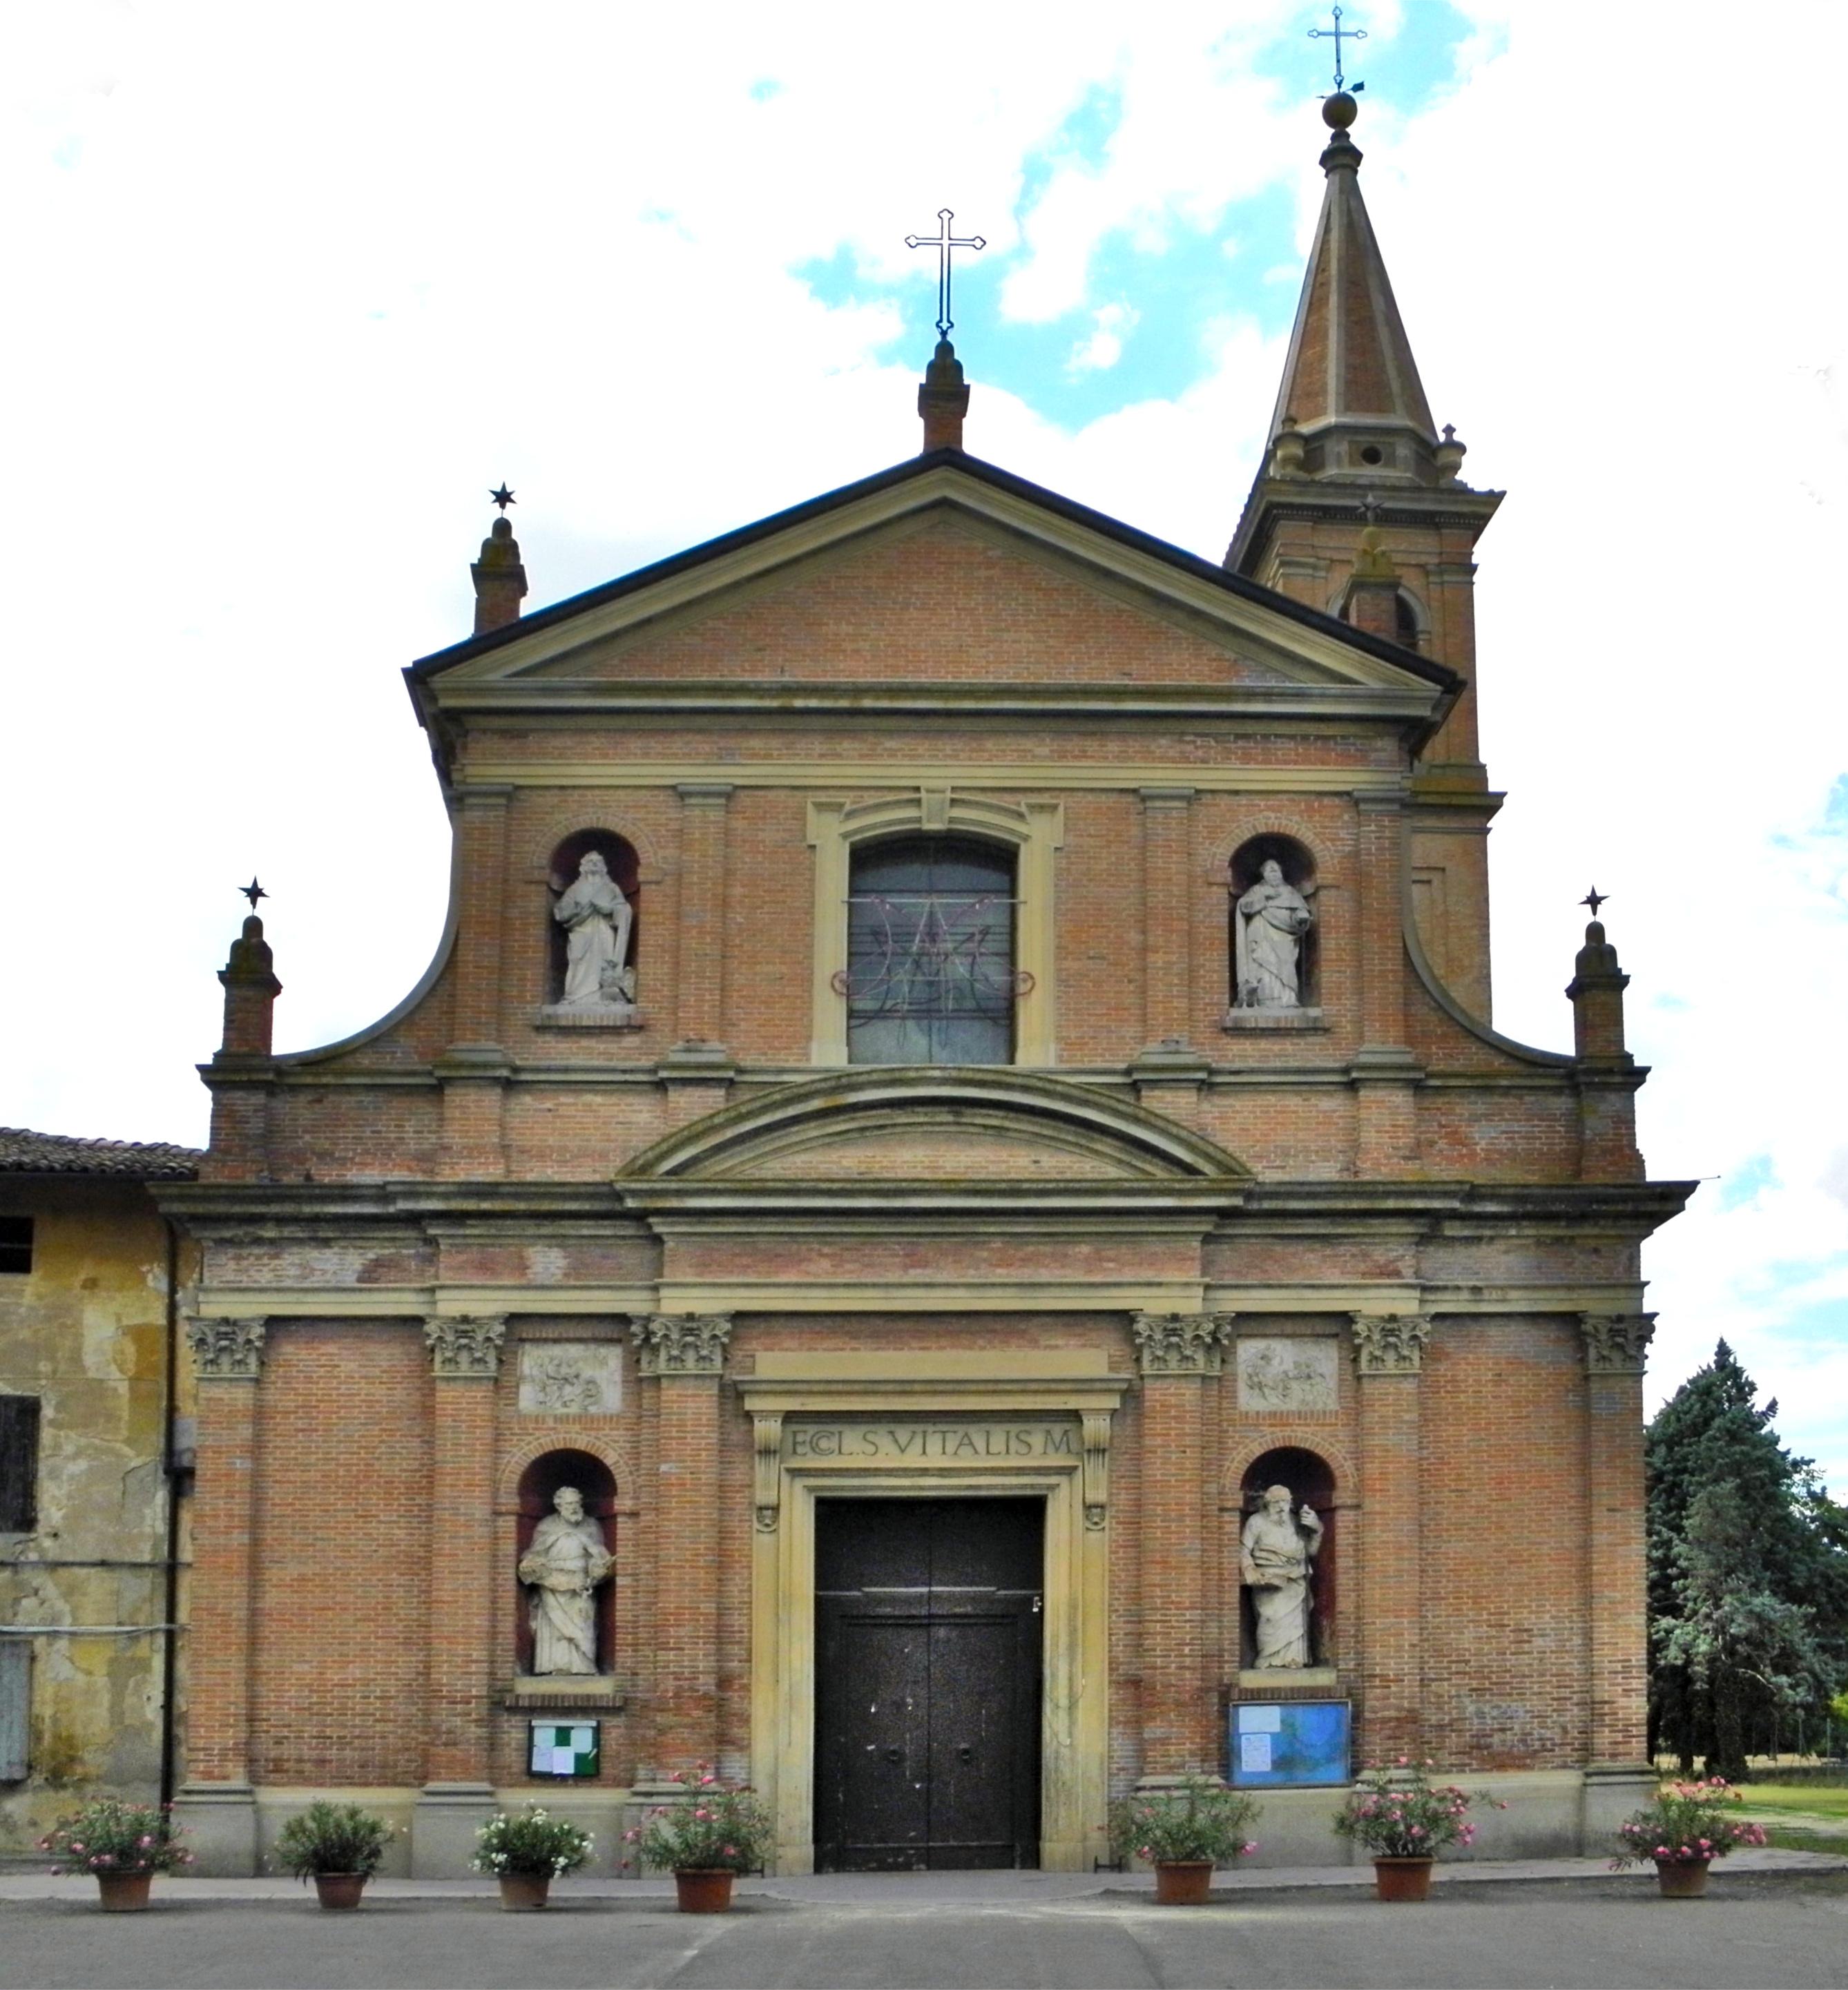 Comune Di Granarolo Dell Emilia chiesa di san vitale martire in granarolo | zona pastorale